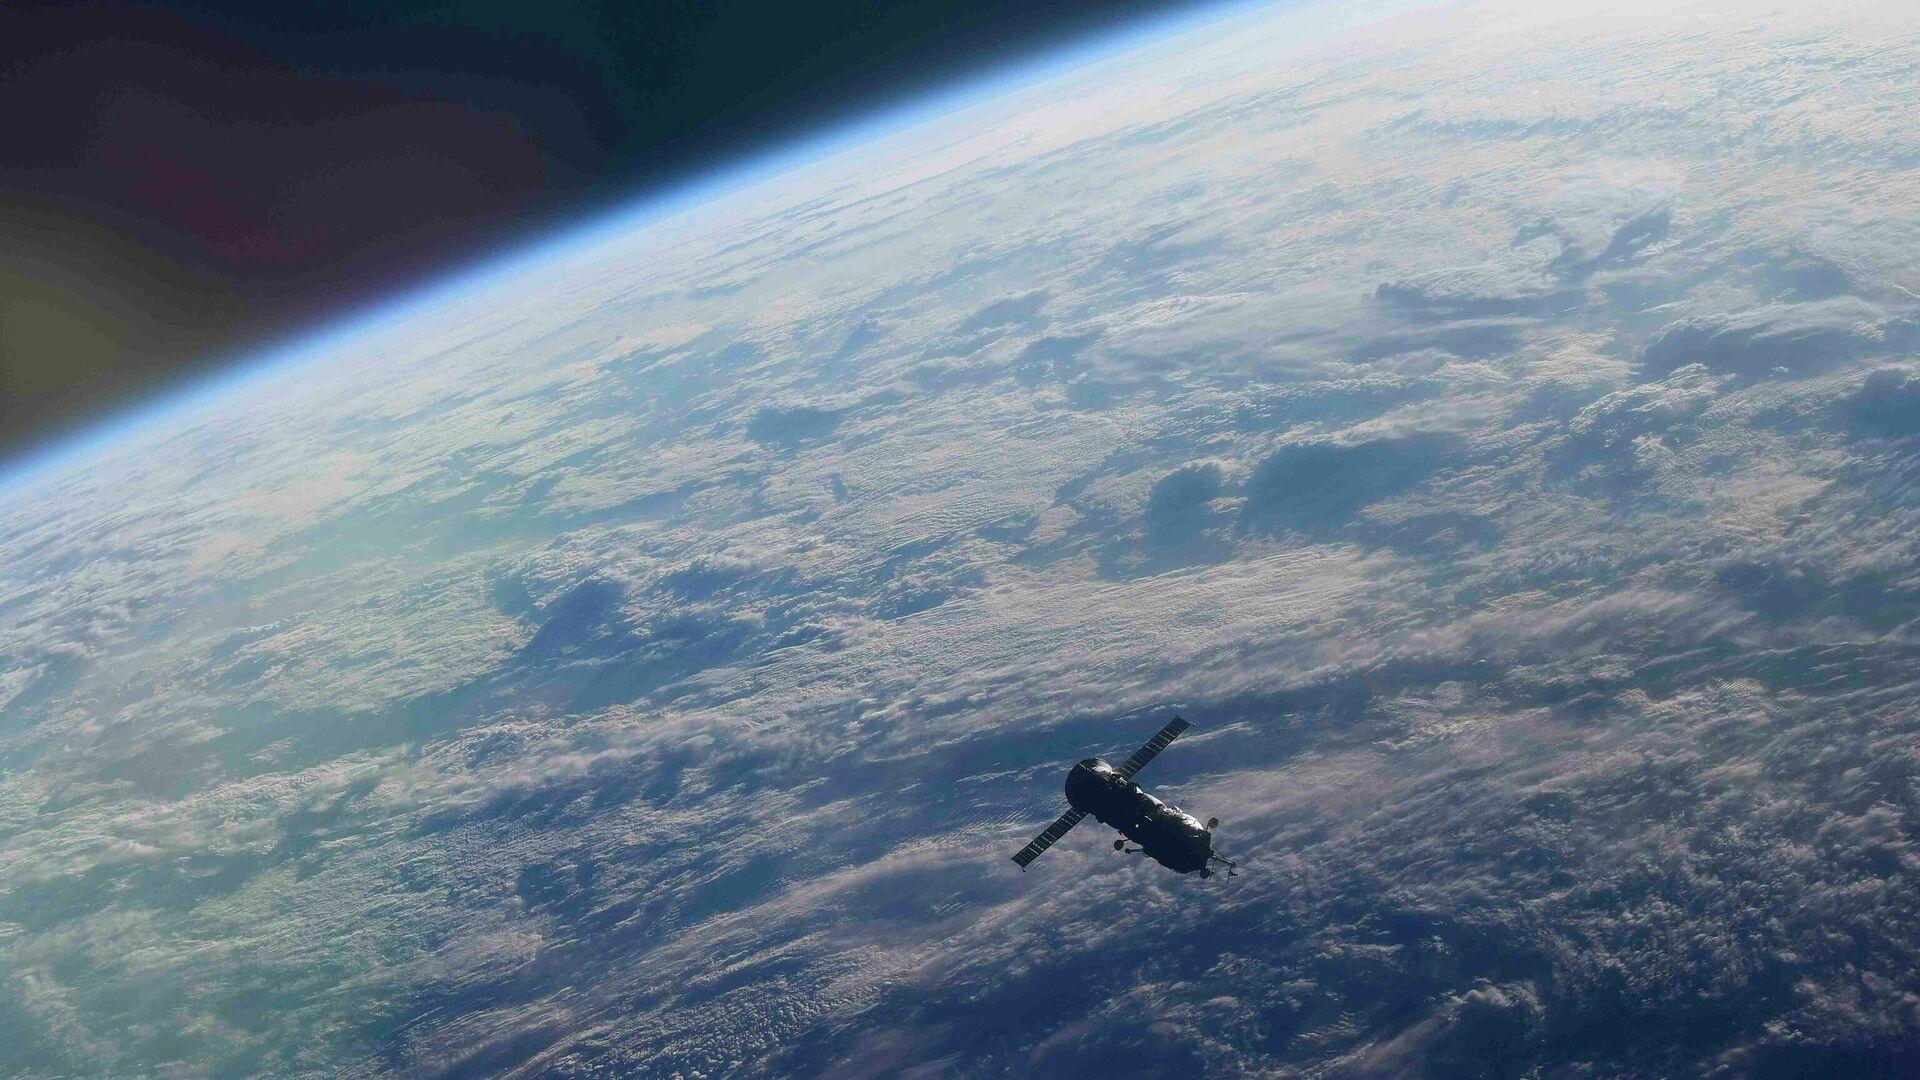 Модуль Пирс после отстыковки от МКС - РИА Новости, 1920, 26.07.2021